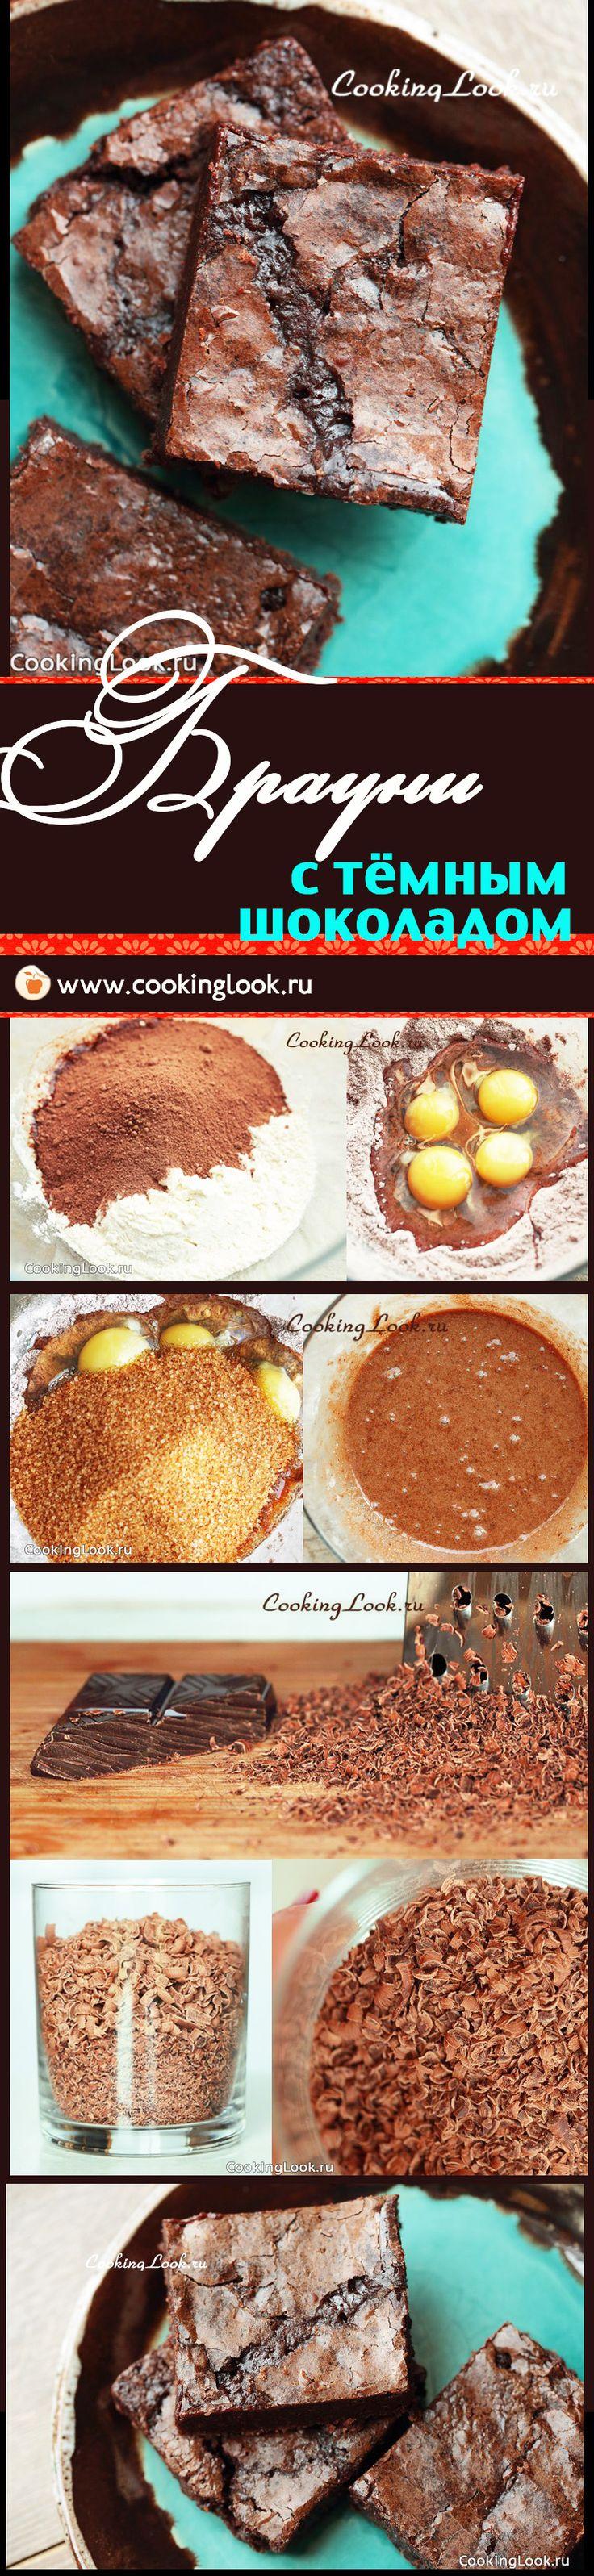 — 230 грамм чёрного шоколада; — 230 грамм сливочного масла; — 130 грамм муки; — 1/2 стакана какао-порошка; — 1 ч. ложка разрыхлителя для теста или 1/2 ч. ложки соды, гашенной уксусом; — 1/5 ч. ложки соли; — 4 яйца; — 370 грамм коричневого сахара Рецепт. Шоколадный пирог. Пирог. Брауни. Как готовить. Recipe. Chocolate pie. Pie. Brownie. How to cook.